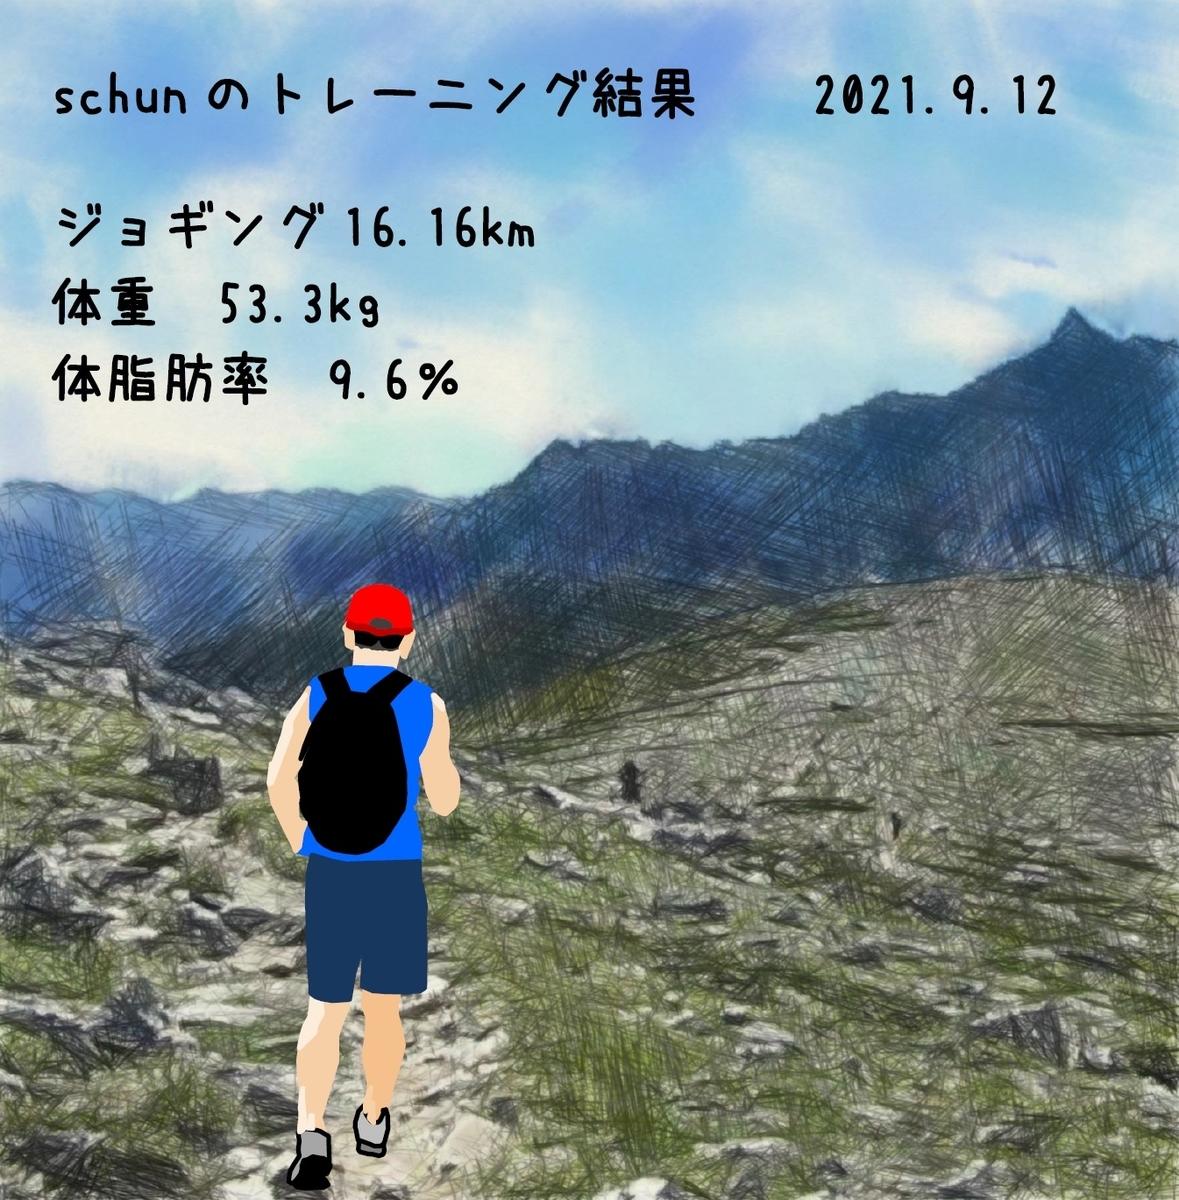 f:id:schunchi2007:20210912203126j:plain